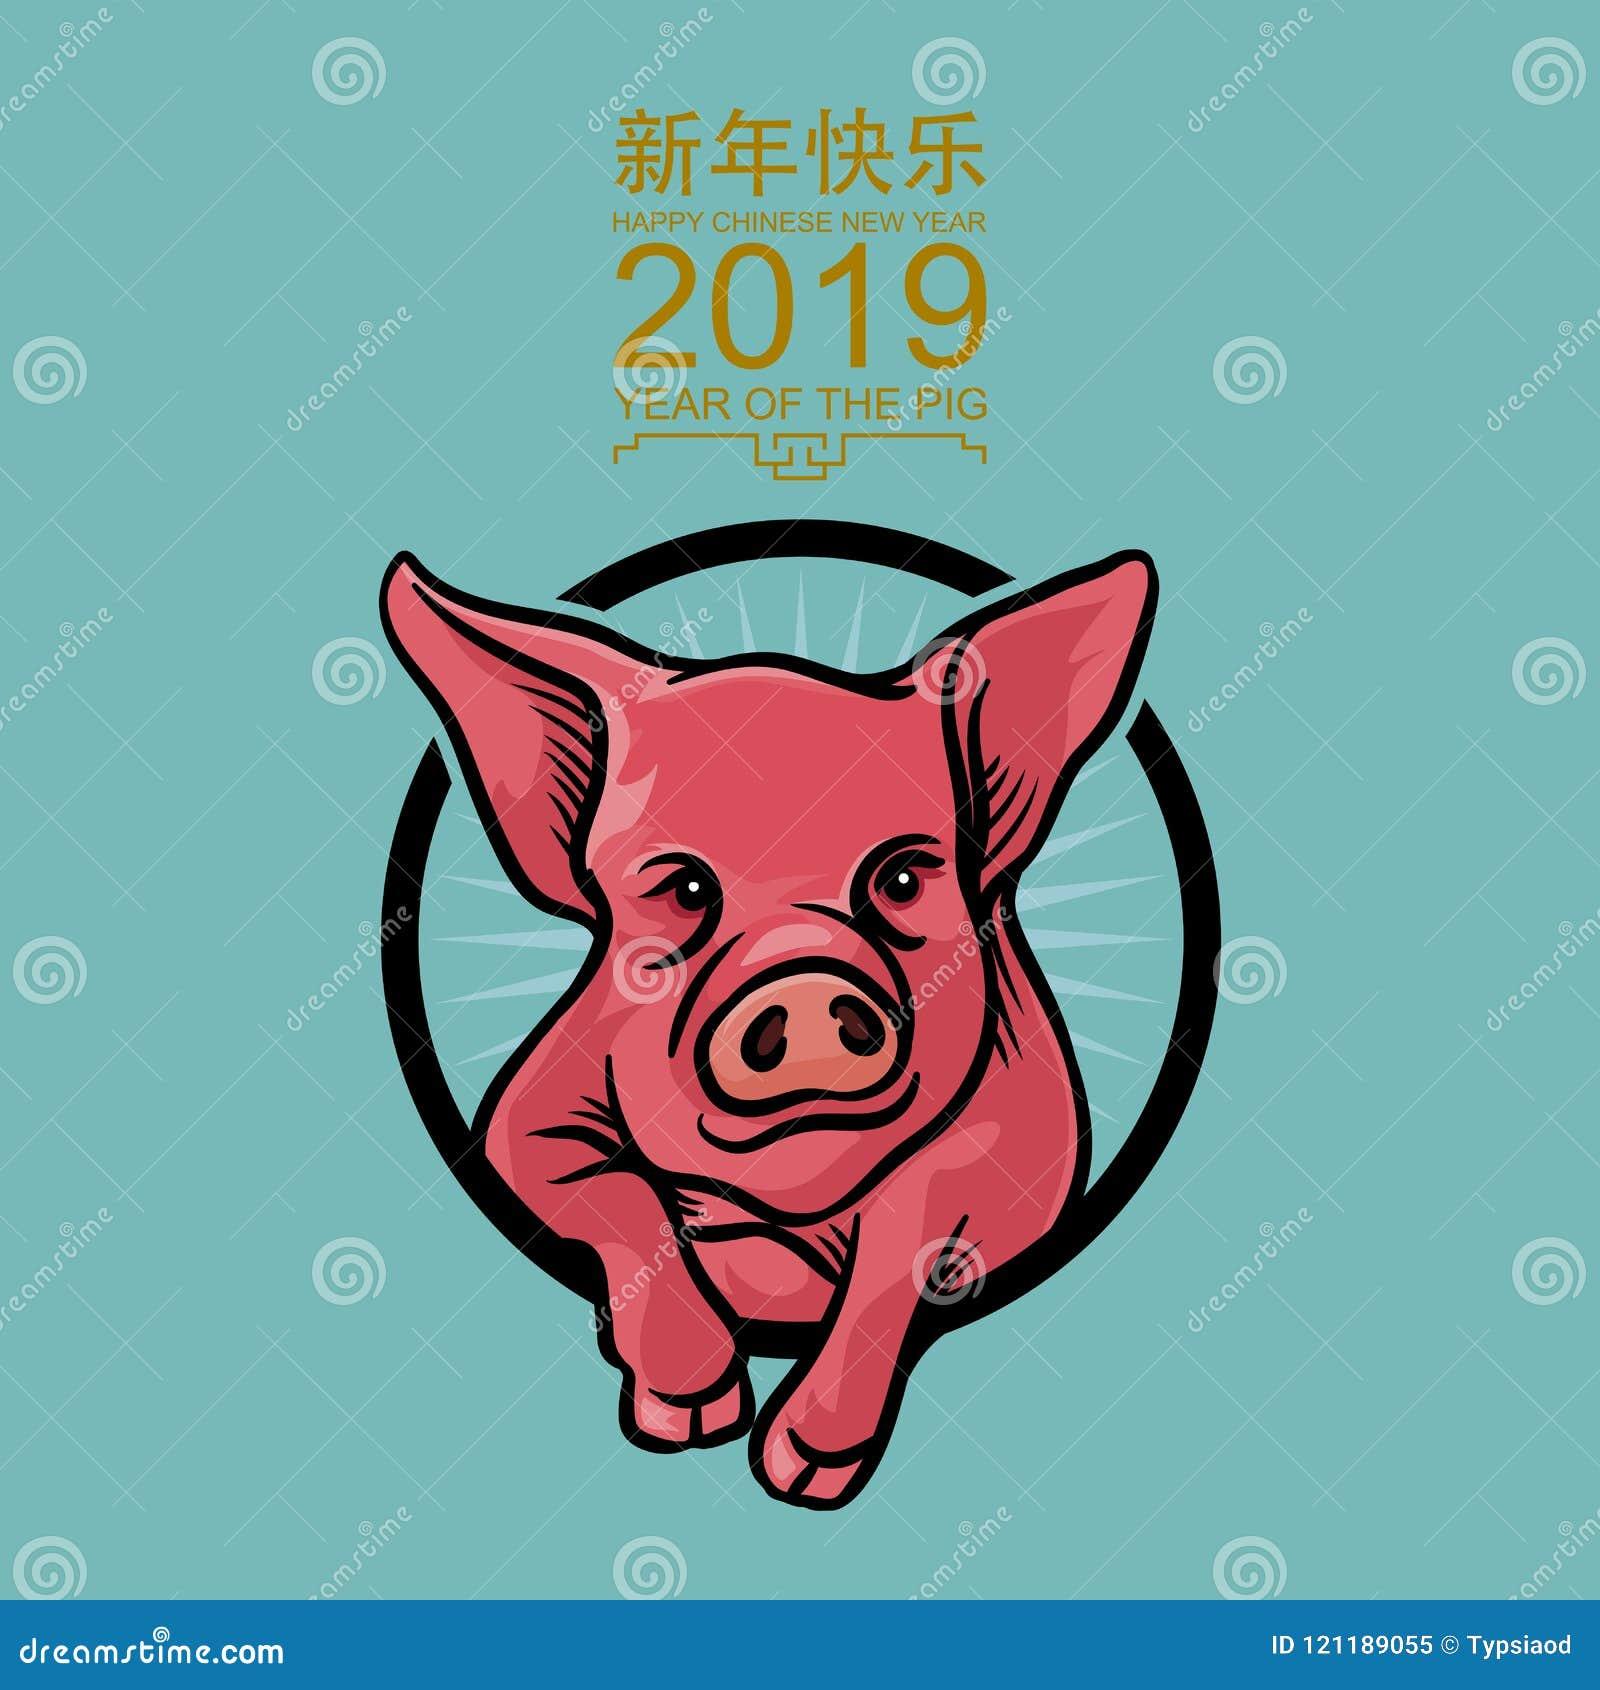 Anno Calendario Cinese.Calendario Cinese Per L Anno Del Maiale 2019 Illustrazione